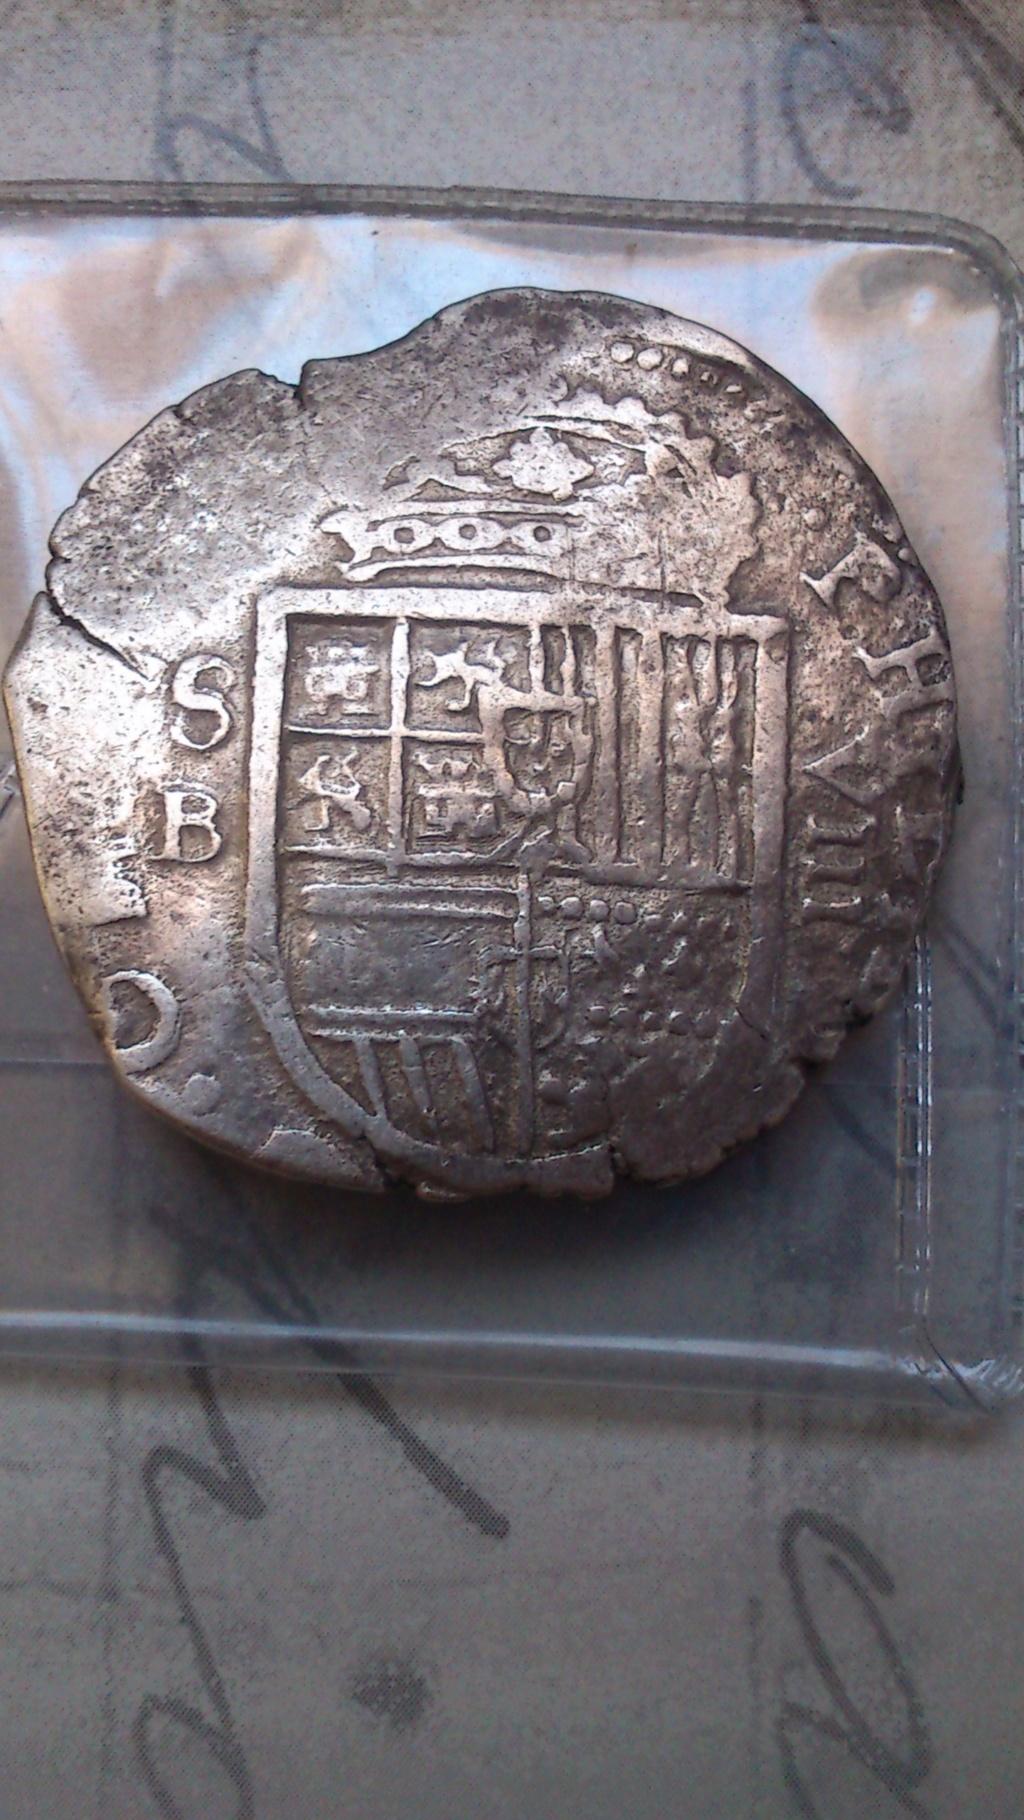 8 Reales de Felipe III. Tipo OMNIVM ceca de Sevilla. - Página 2 Dsc_0035